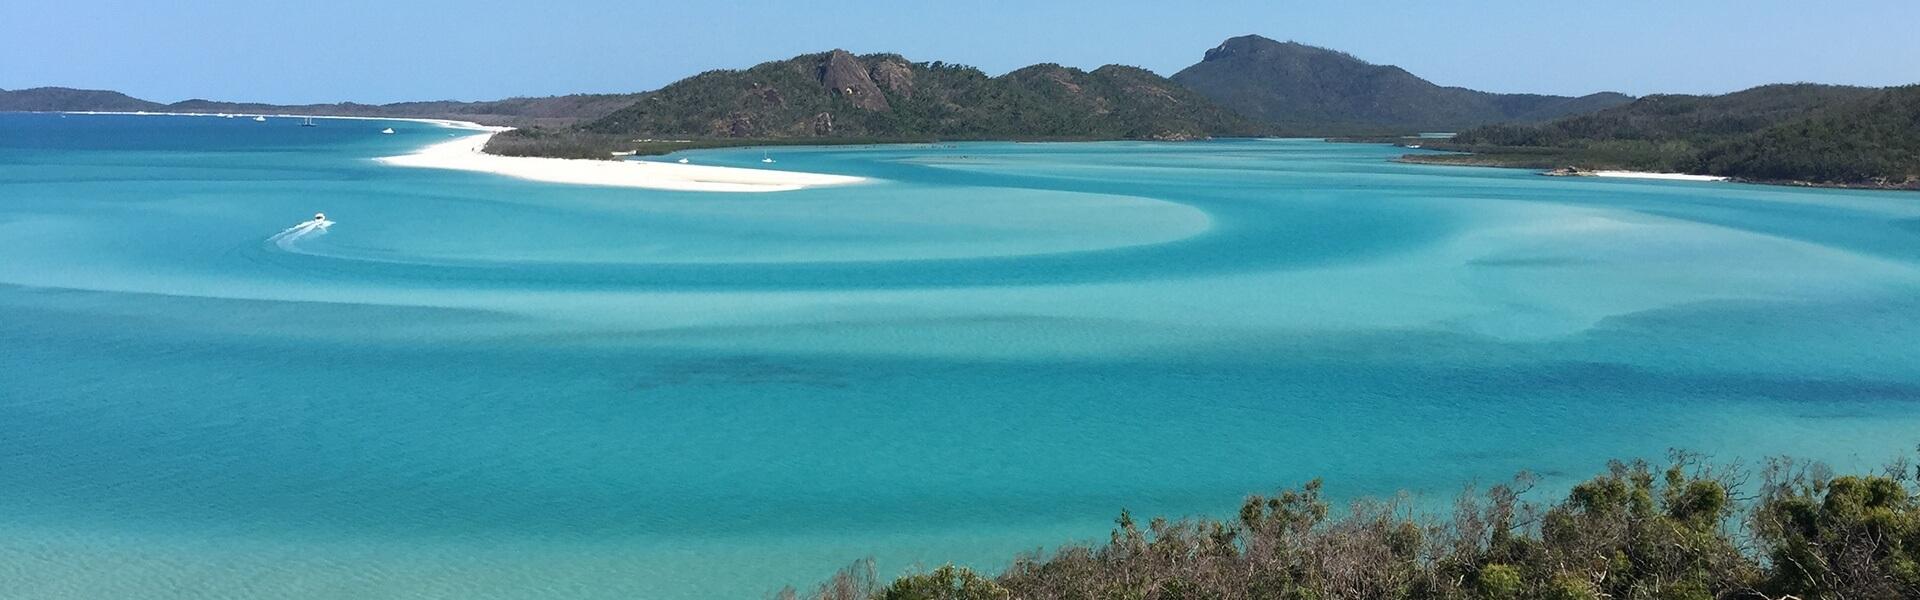 East Coast Islands Tours